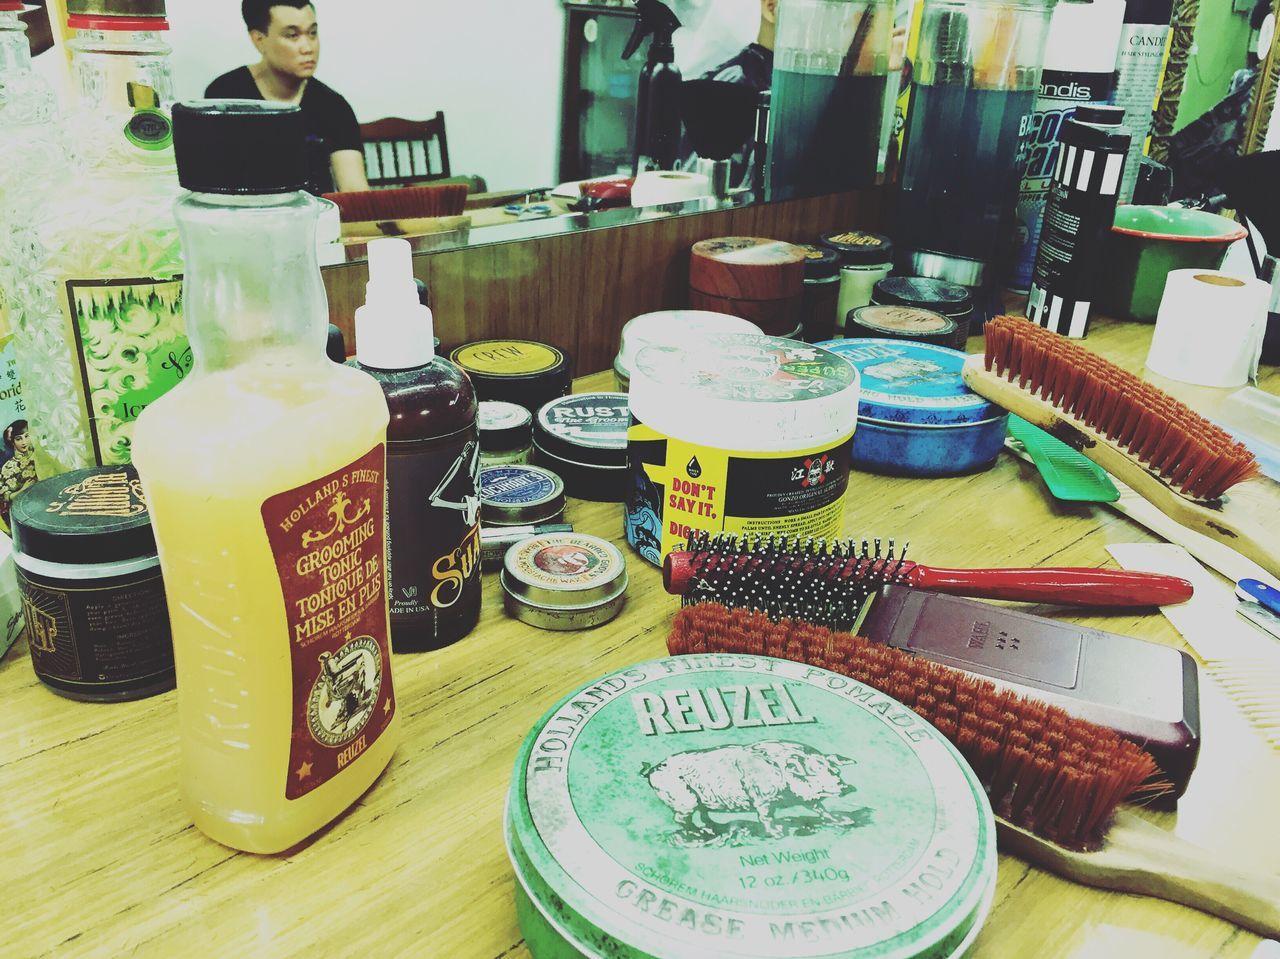 Reuzel Pomade Schorem Barbershop